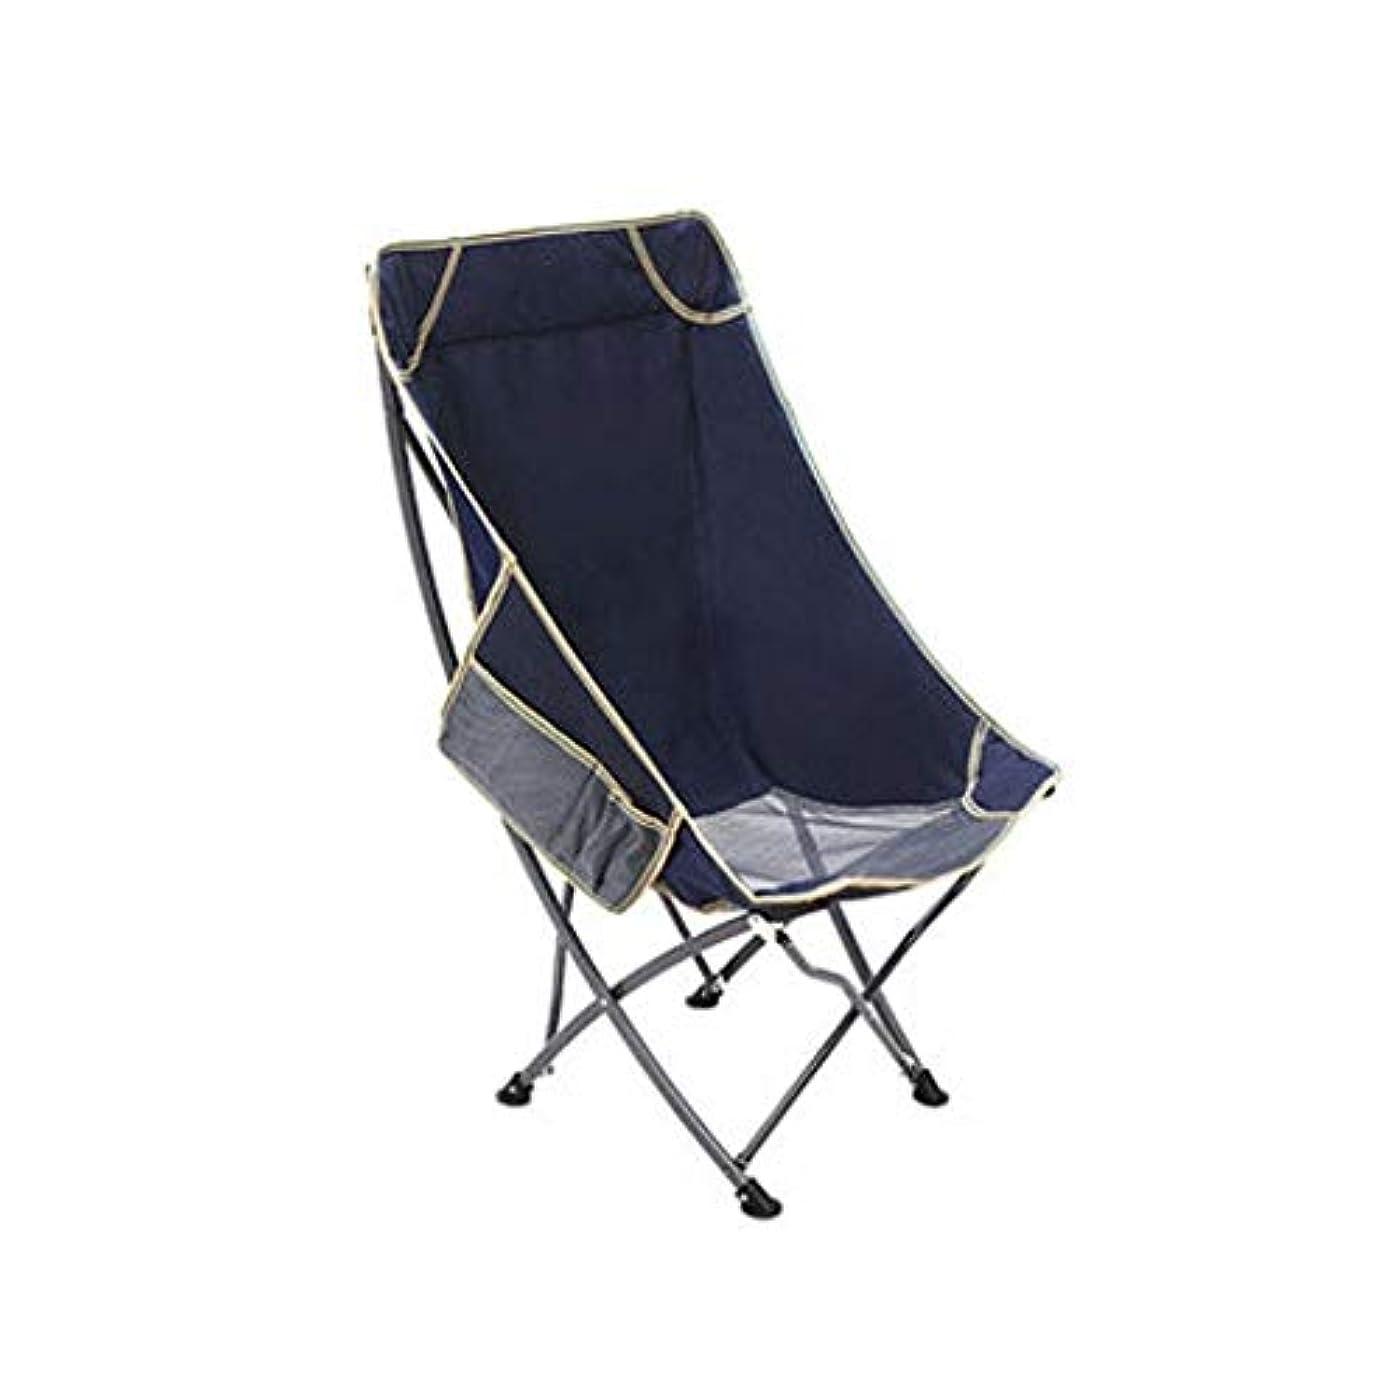 機密増強累積屋外ポータブル折りたたみ椅子キャンプスツールチェア付き背もたれ収納袋軽量カジュアルピクニック旅行釣り登山バーベキューパークアドベンチャービーチ2色オプション (色 : 青)